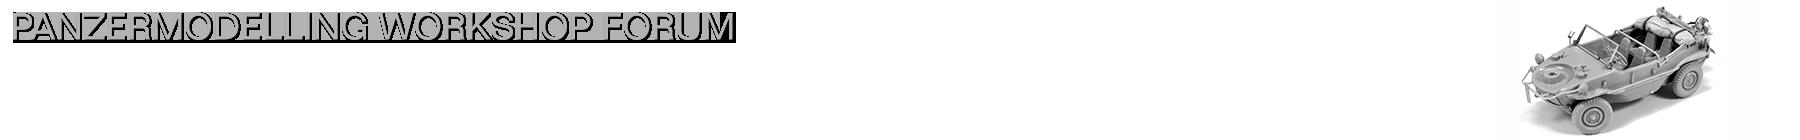 Workshop Panzermodelling Logo_workshop